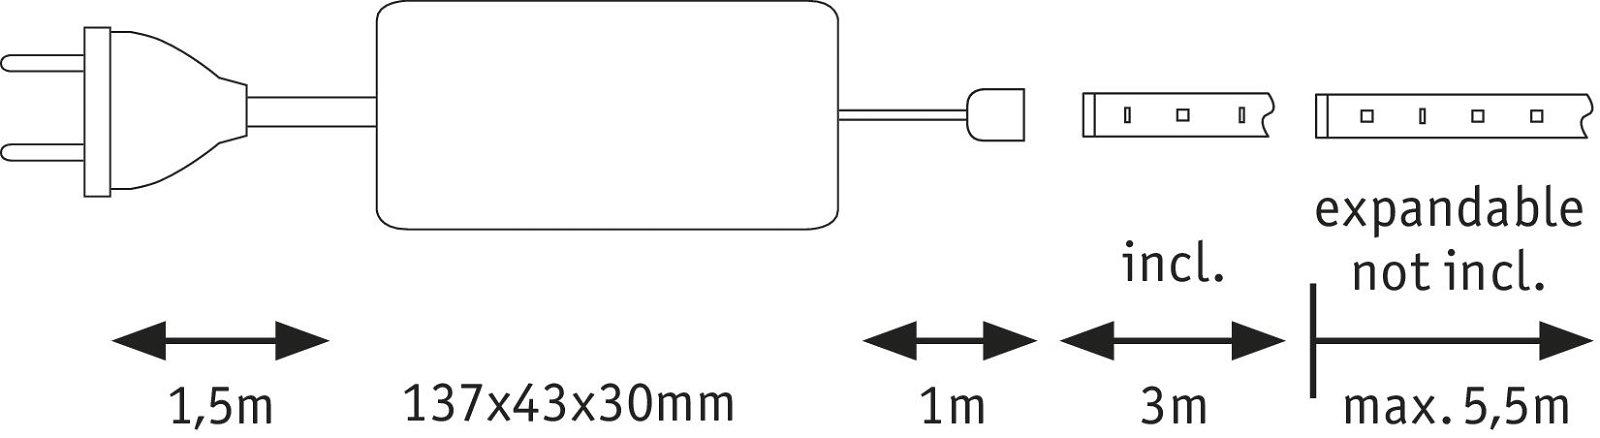 MaxLED 500 LED Strip Warmweiß 3m beschichtet 18W 1650lm 2700K 36VA